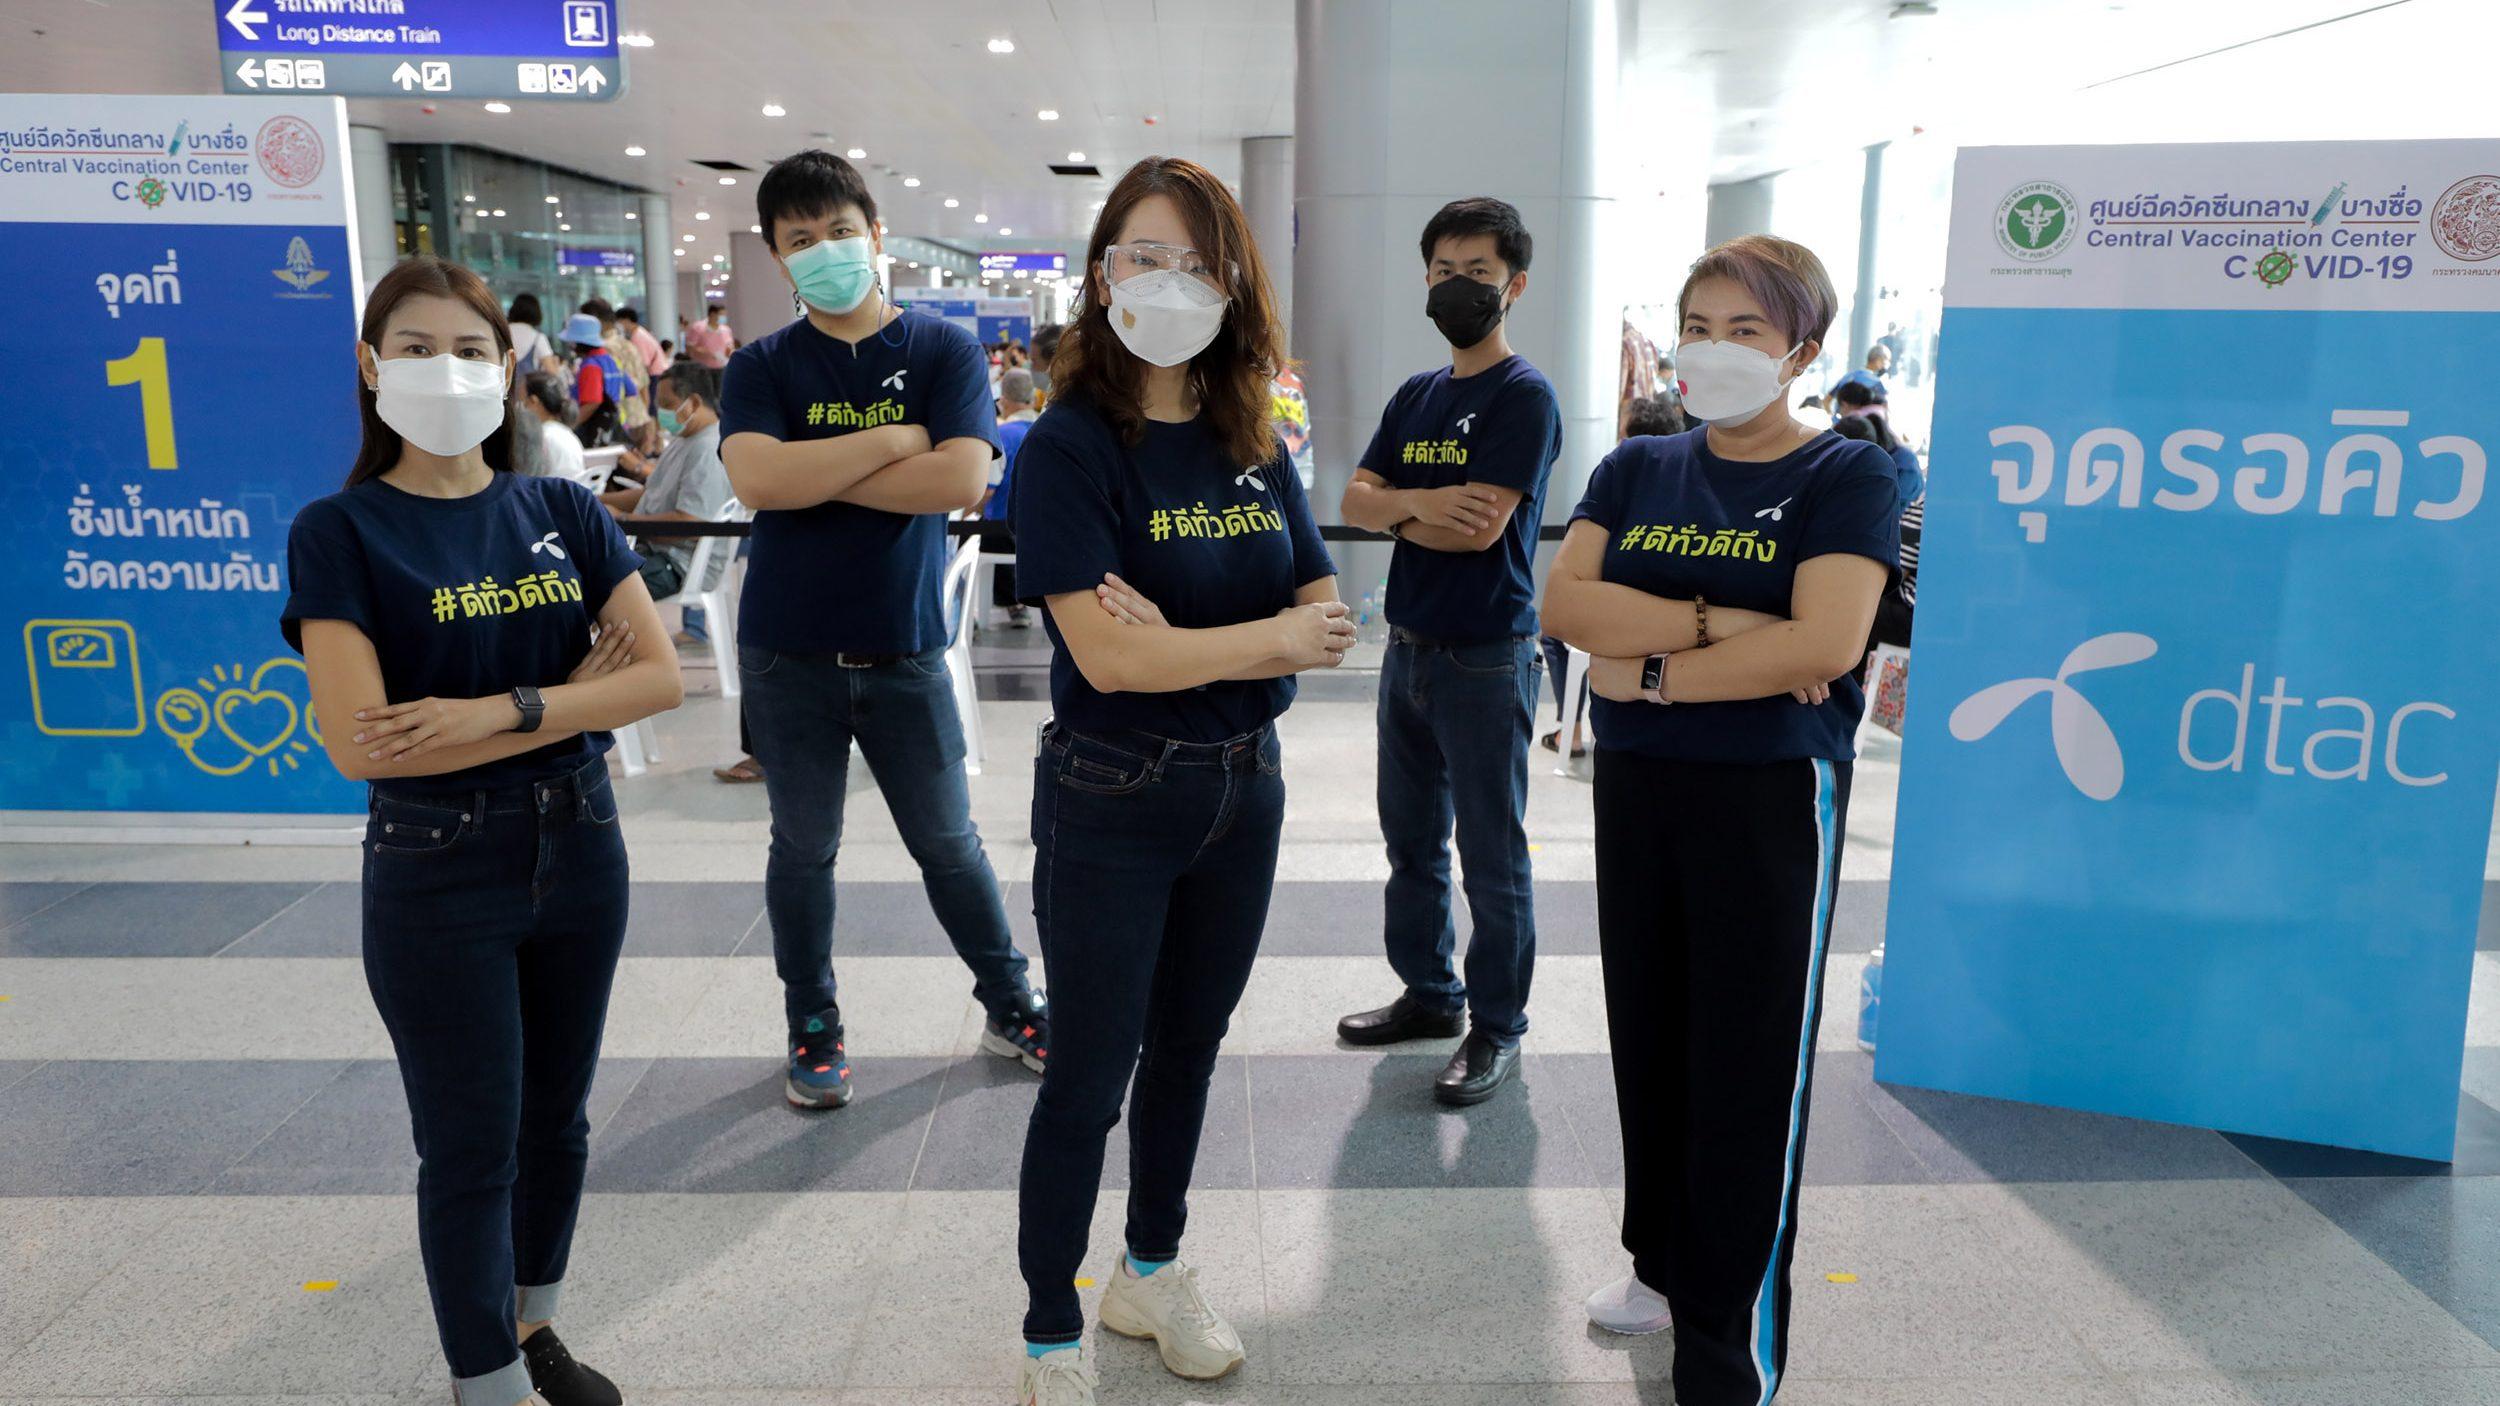 เปิดใจทีมดีแทค กับภารกิจช่วยชาติปูพรมวัคซีนสู้ภัยโควิด